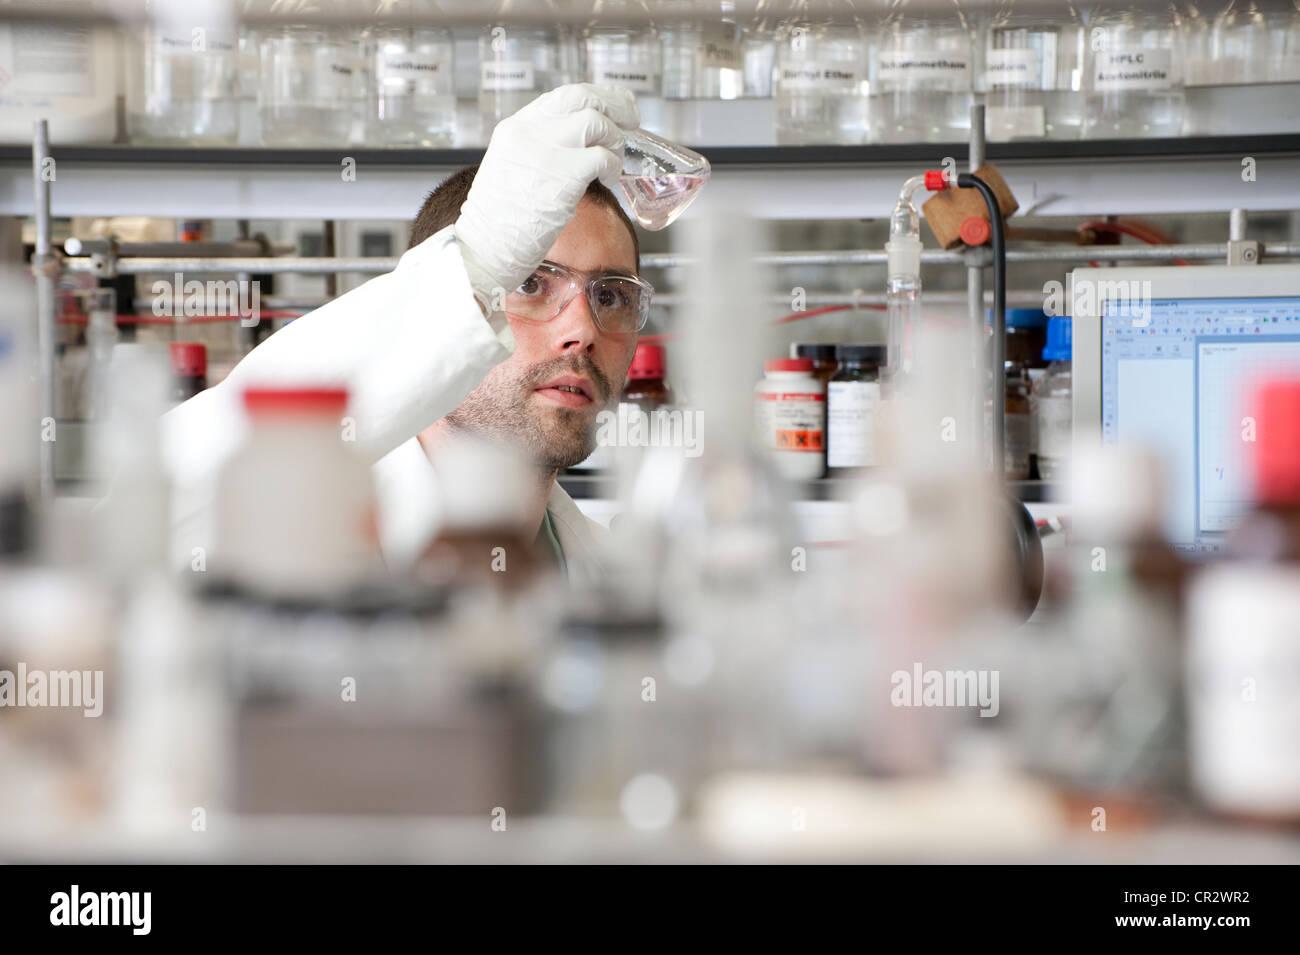 Technicien de laboratoire working in lab Photo Stock